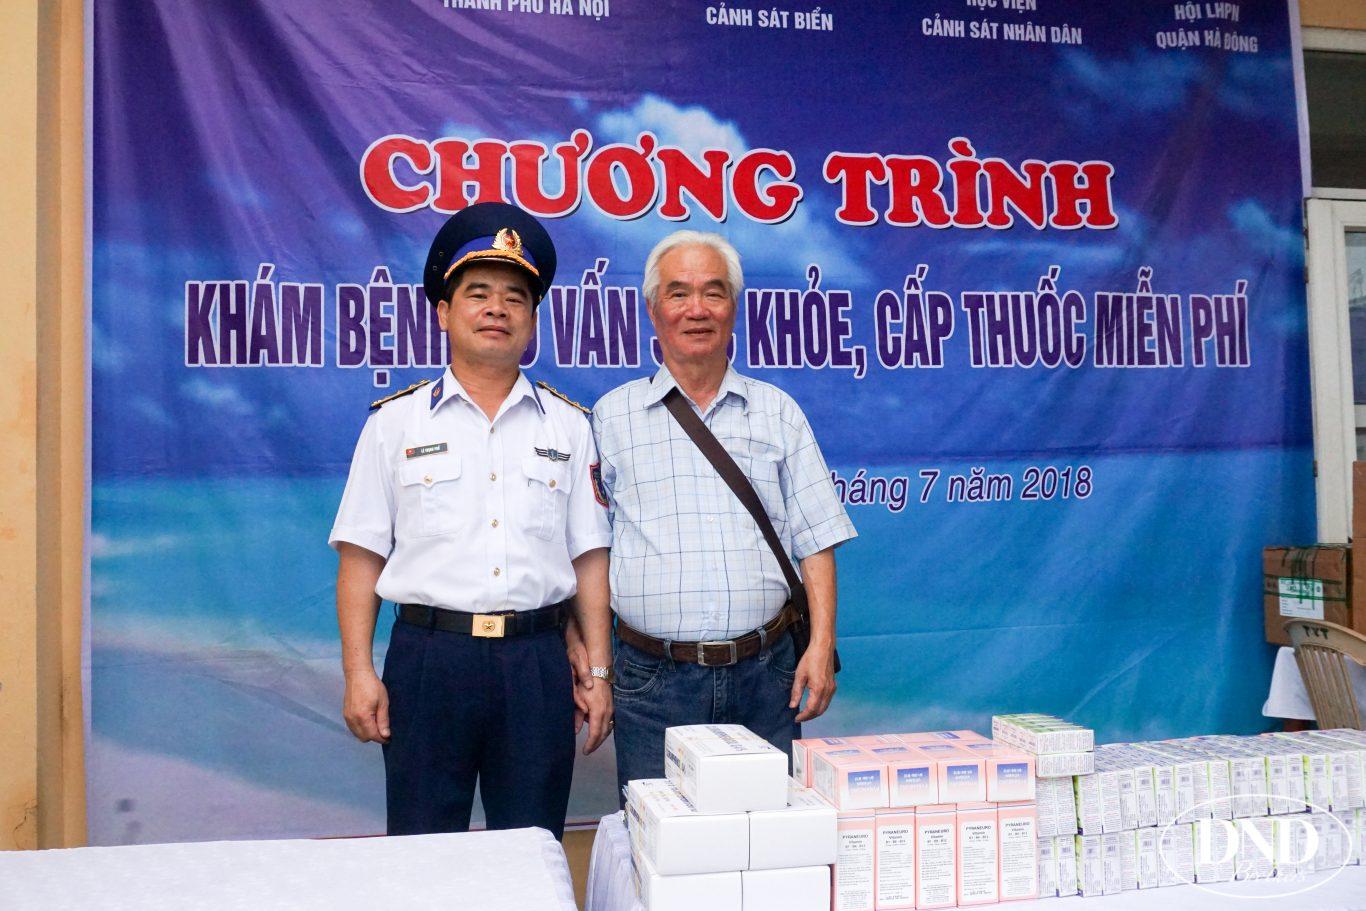 Bác sĩ Đặng Văn Quế, Phó Giám đốc Bệnh viện Mắt Quốc tế DND chụp ảnh kỳ niệm cùng lãnh đạo Bộ Tư lệnh Cảnh sát Biển